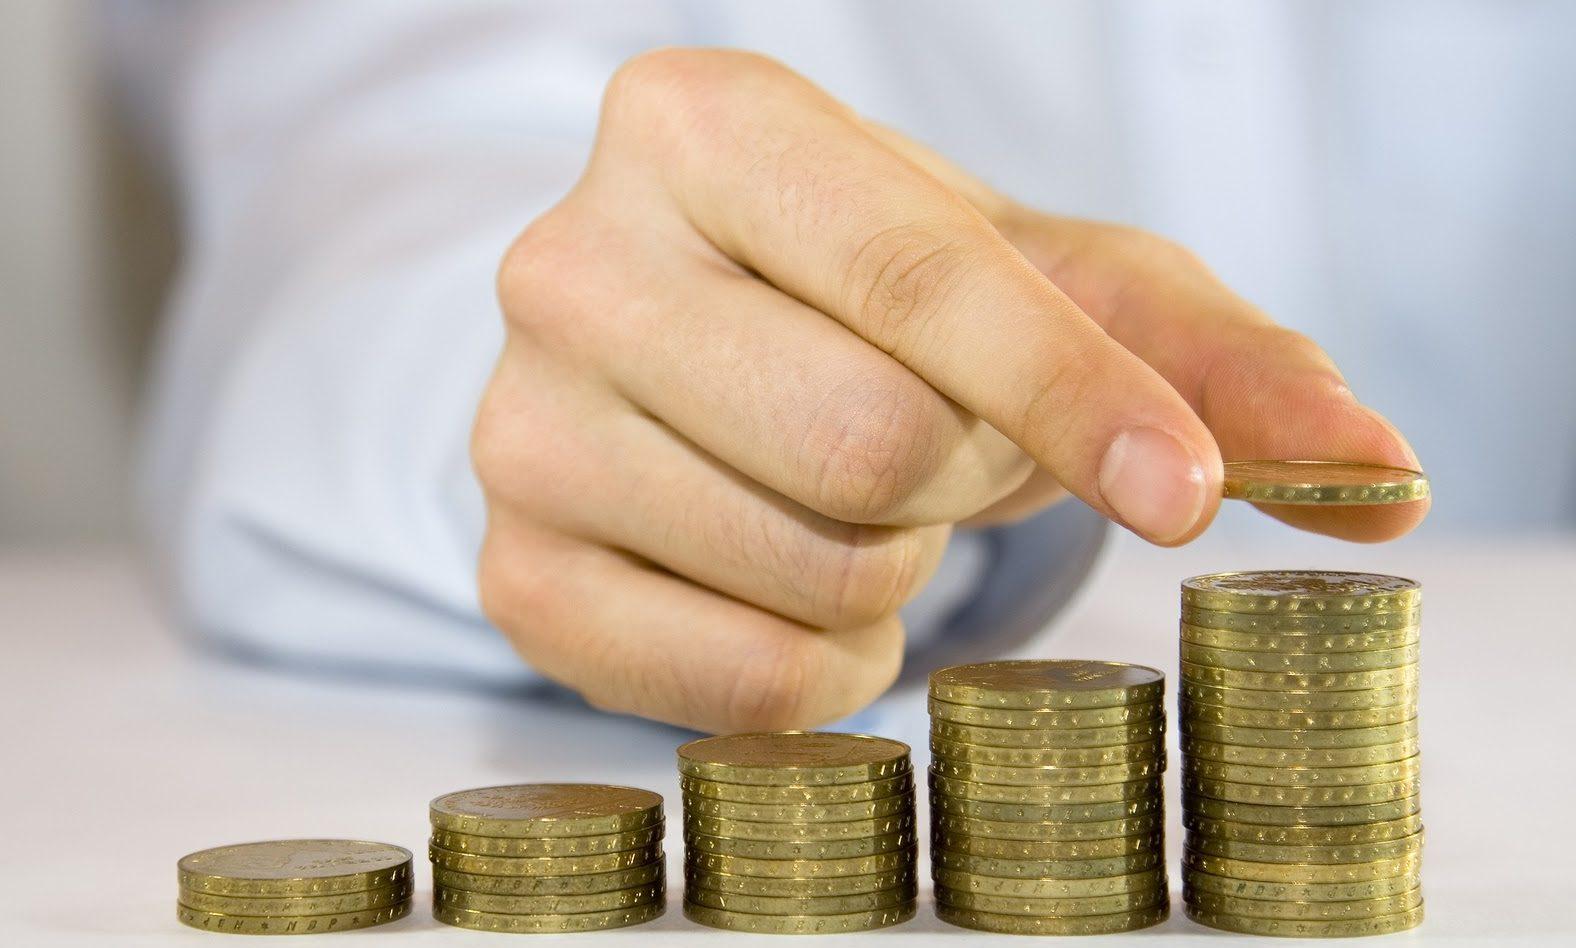 Hogyan lesz a semmiből valami, avagy min múlik a pénzkeresés? | tANYUlj és gazdagodj!